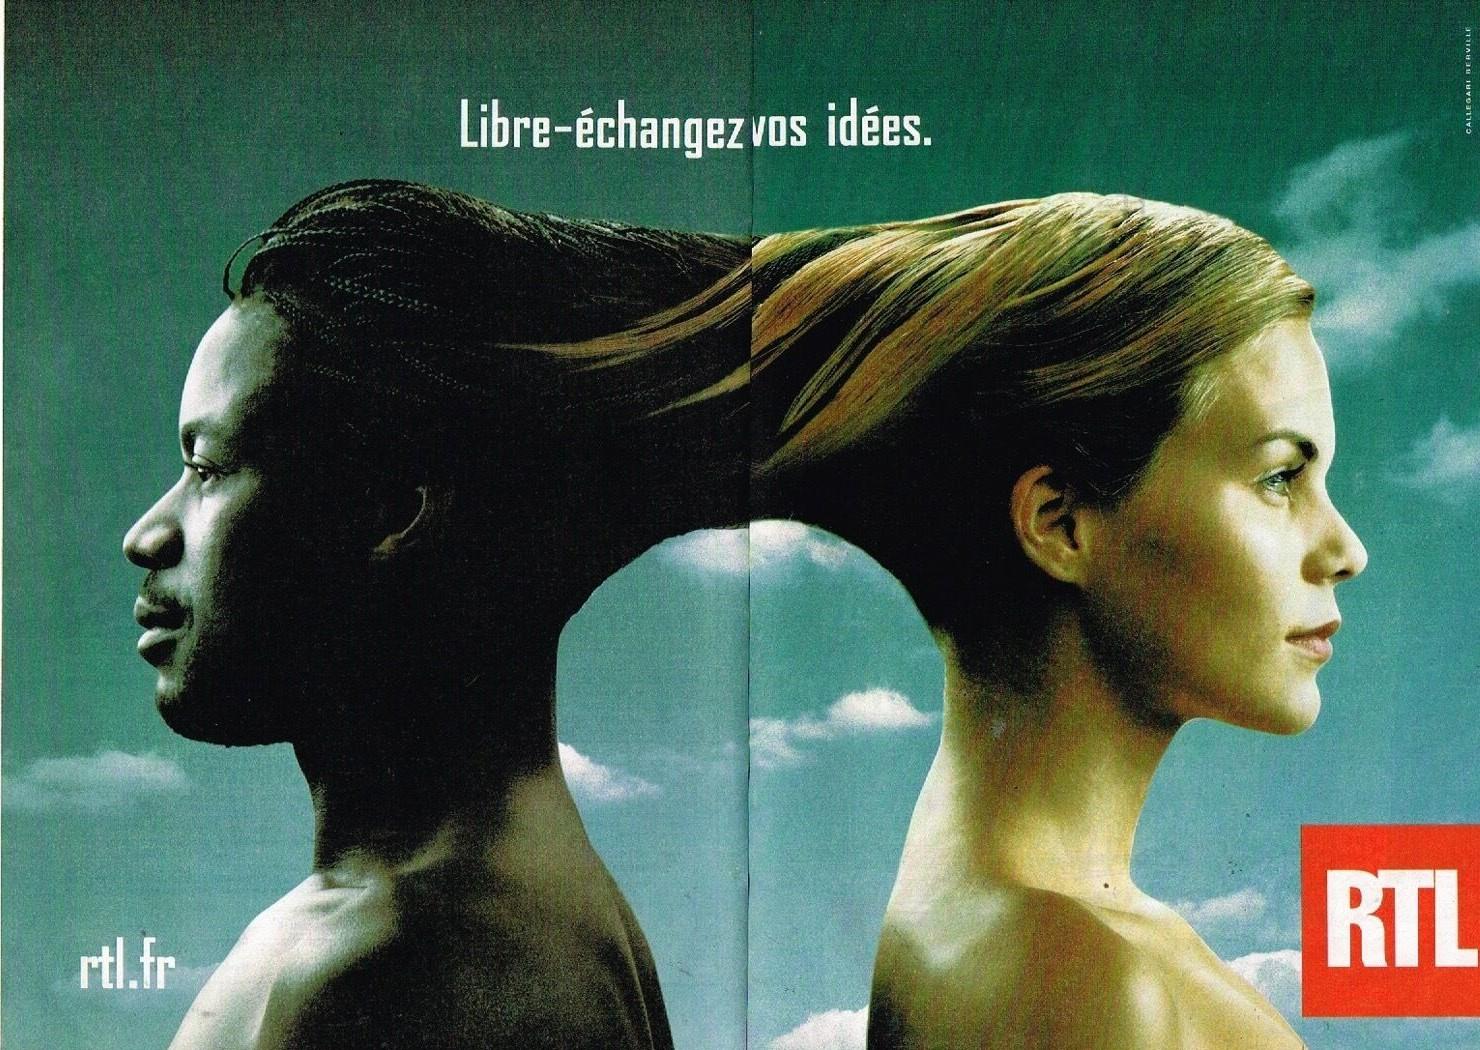 2000 RTL